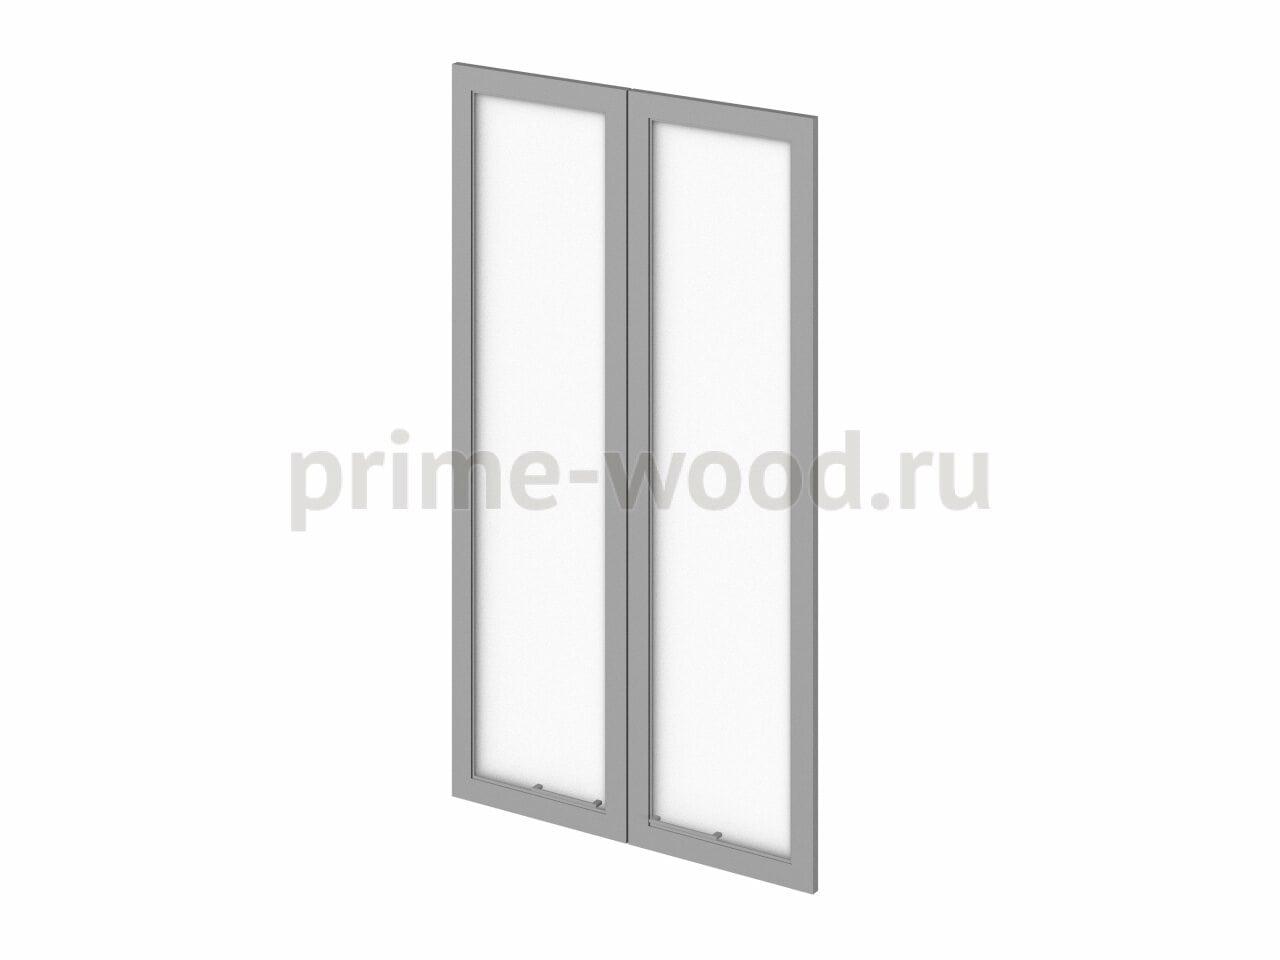 Двери средние стеклянные - фото 4